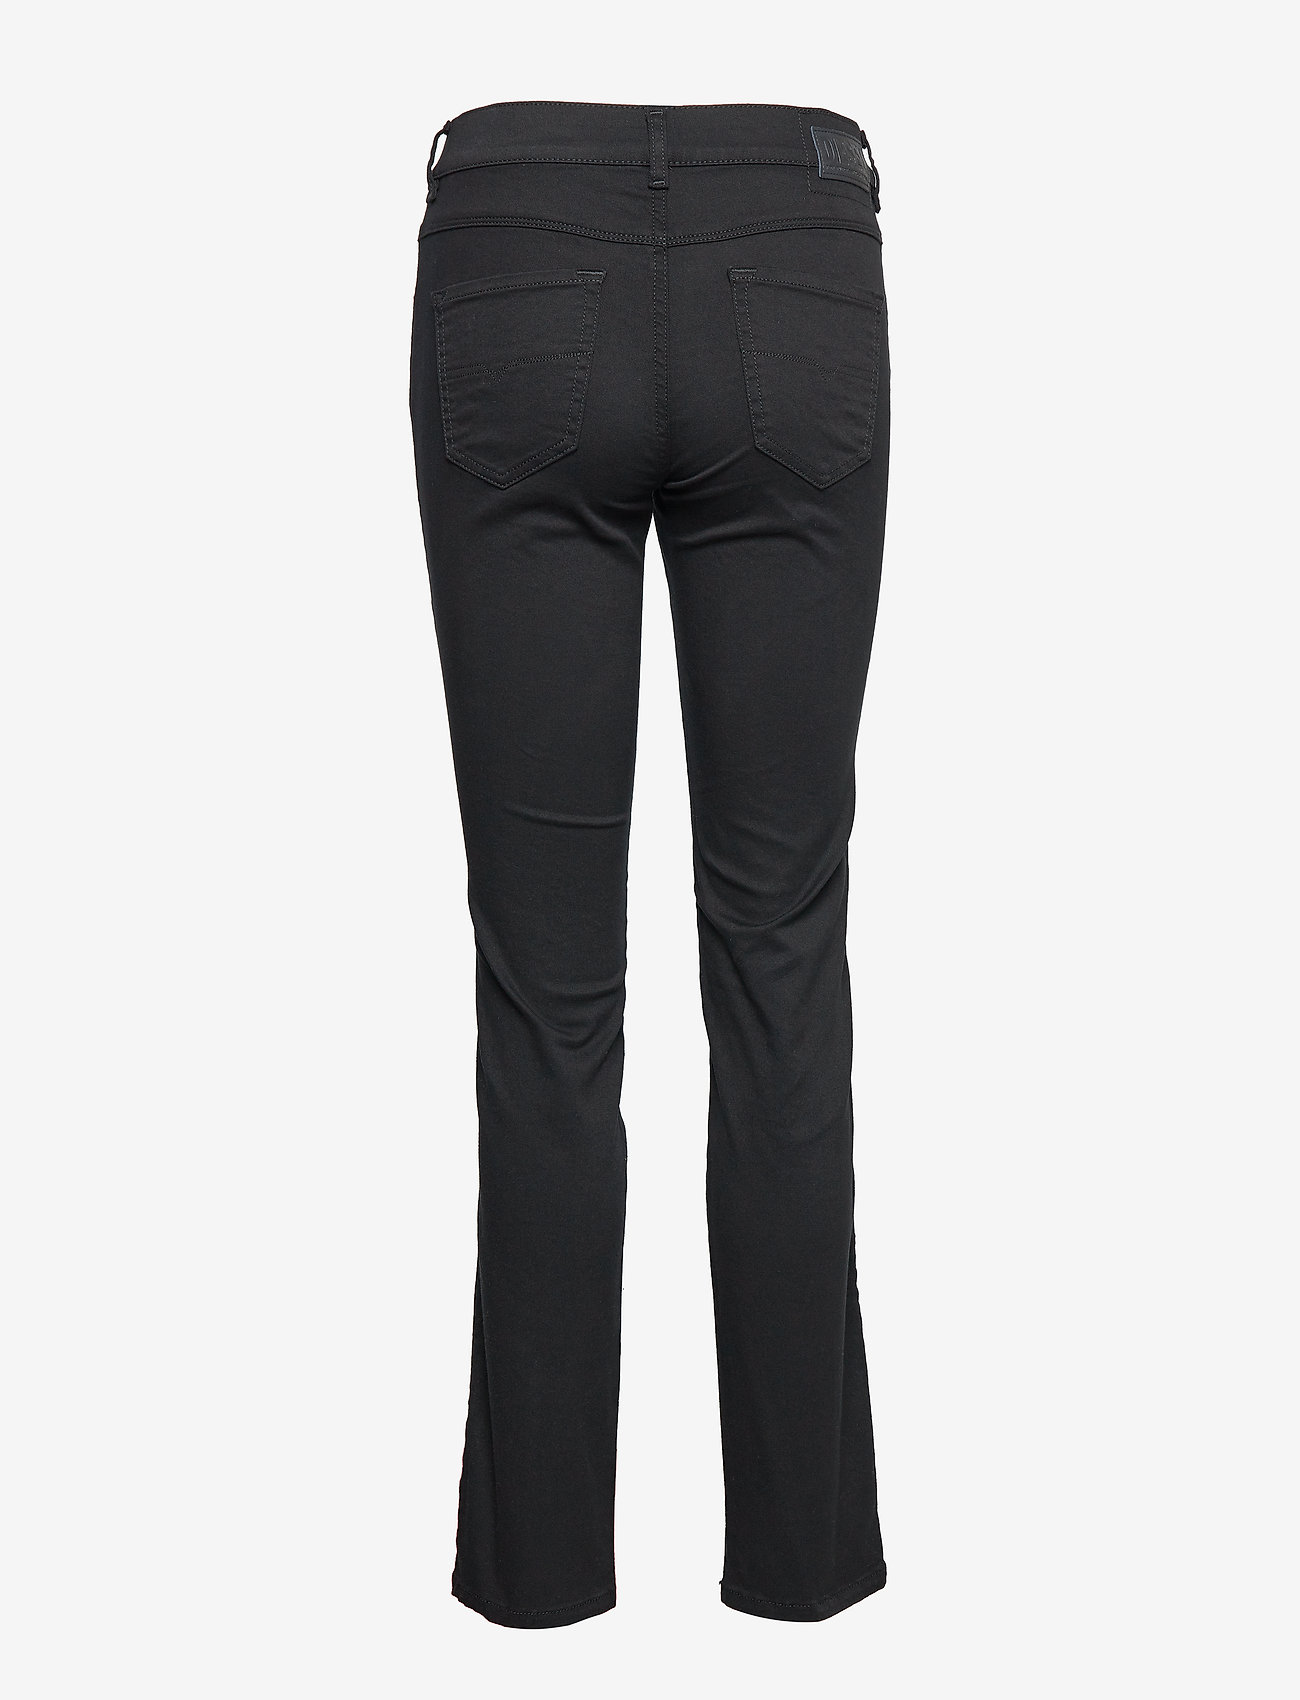 Diesel Women - SANDY 0665W - bootcut jeans - black/denim - 1